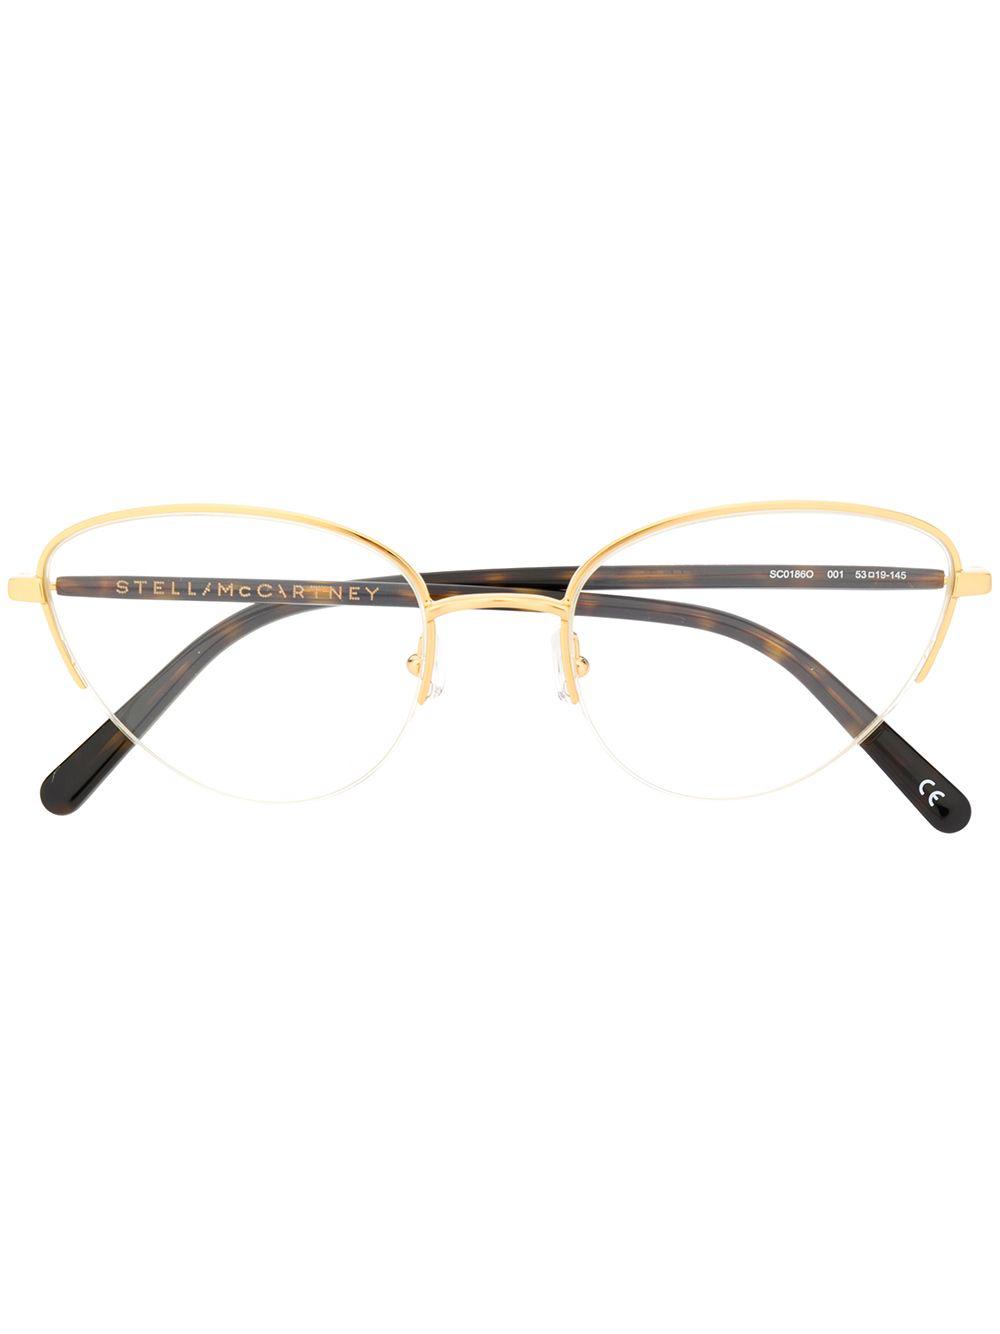 Stella Eyewear Halbem Gold Brille Mccartney Gestell Mit pSULMGqzV